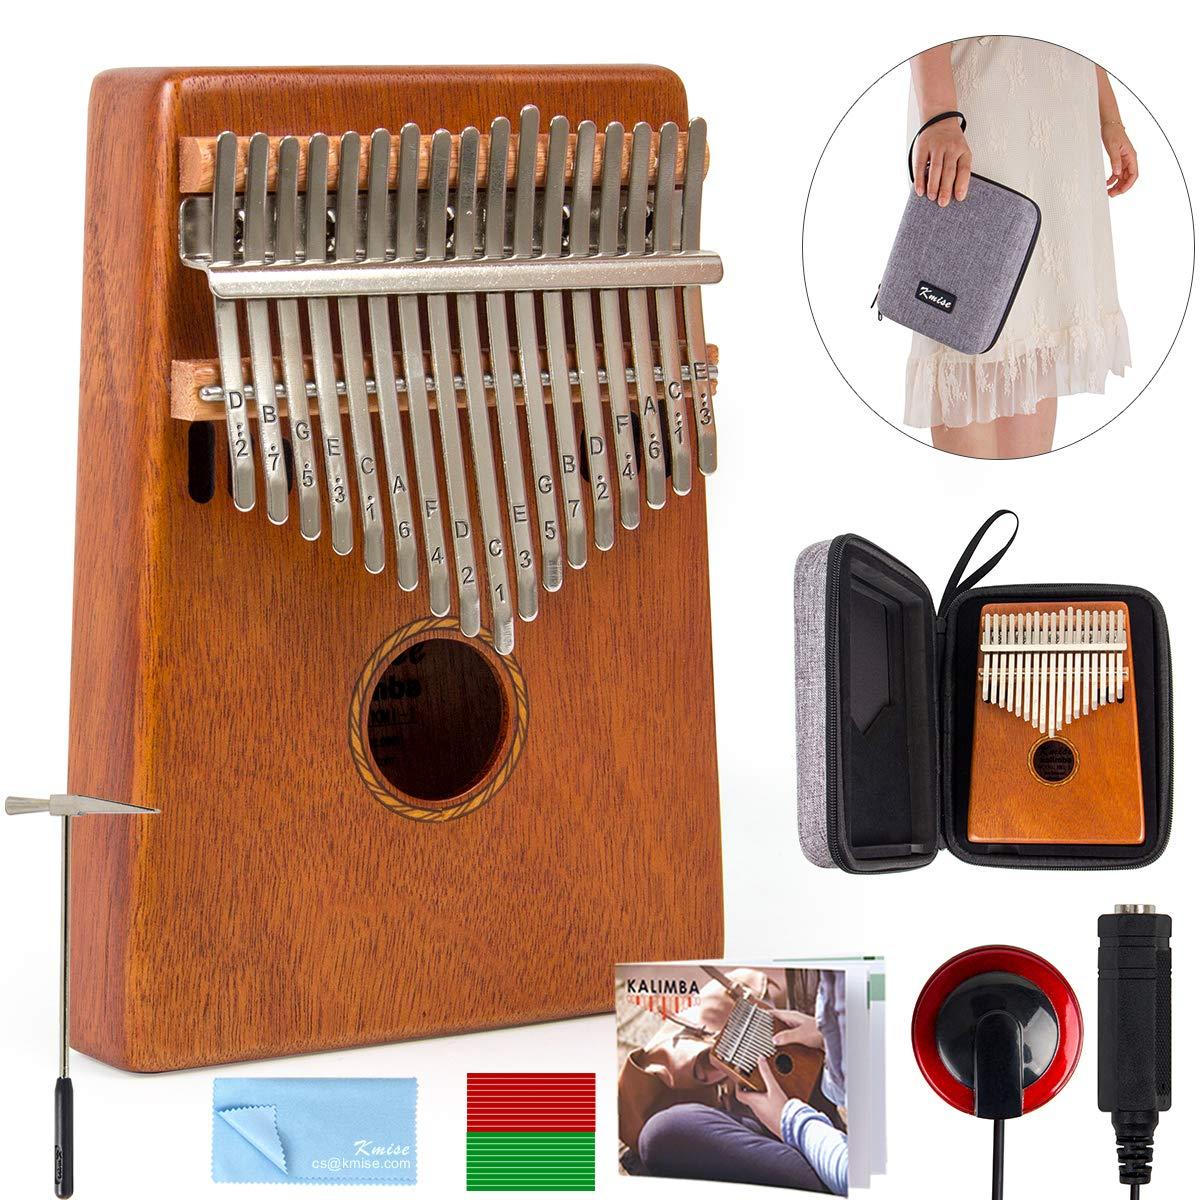 Kalimba 17 Key Finger Piano Marib Mahogany with Padded Gig Bag Tuner Hammer By Kmise by Kmise (Image #1)